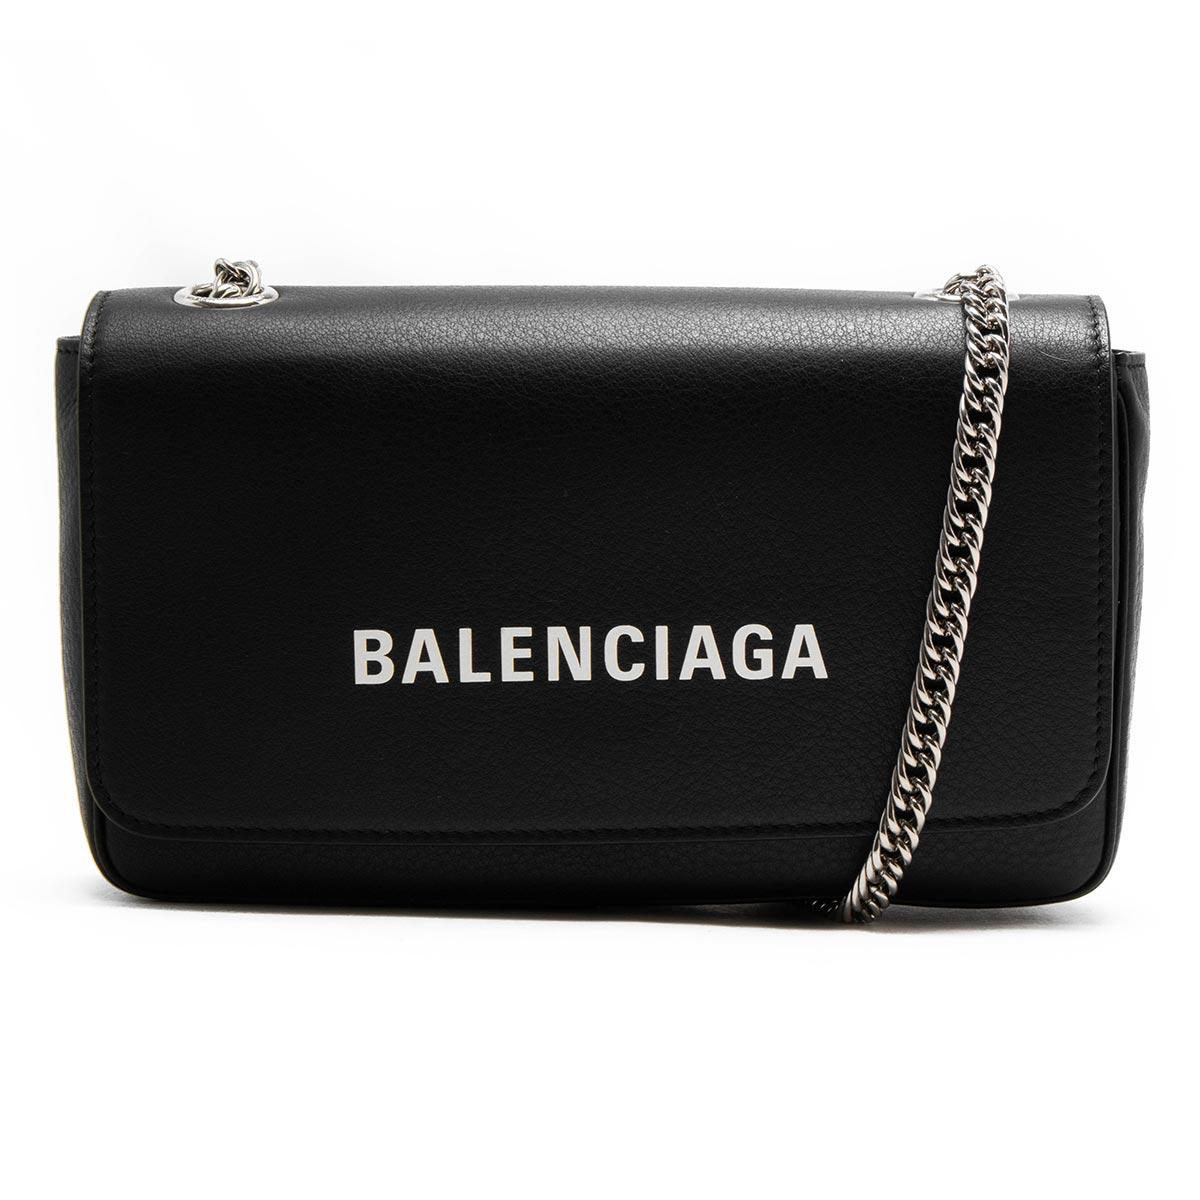 Balenciaga ショルダー バッグ